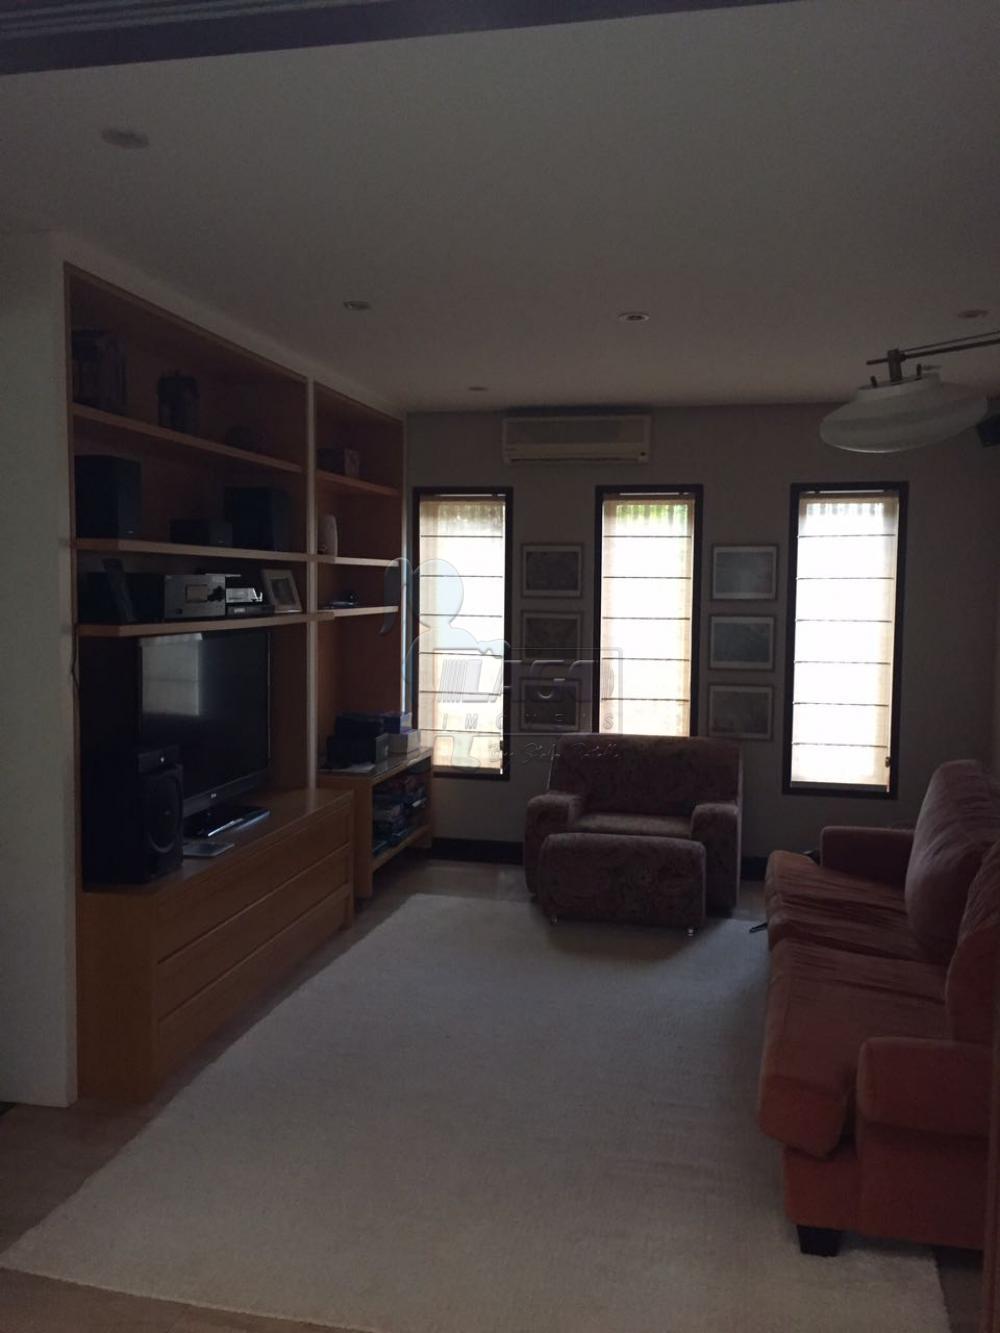 Alugar Casas / Condomínio em Bonfim Paulista apenas R$ 8.500,00 - Foto 8